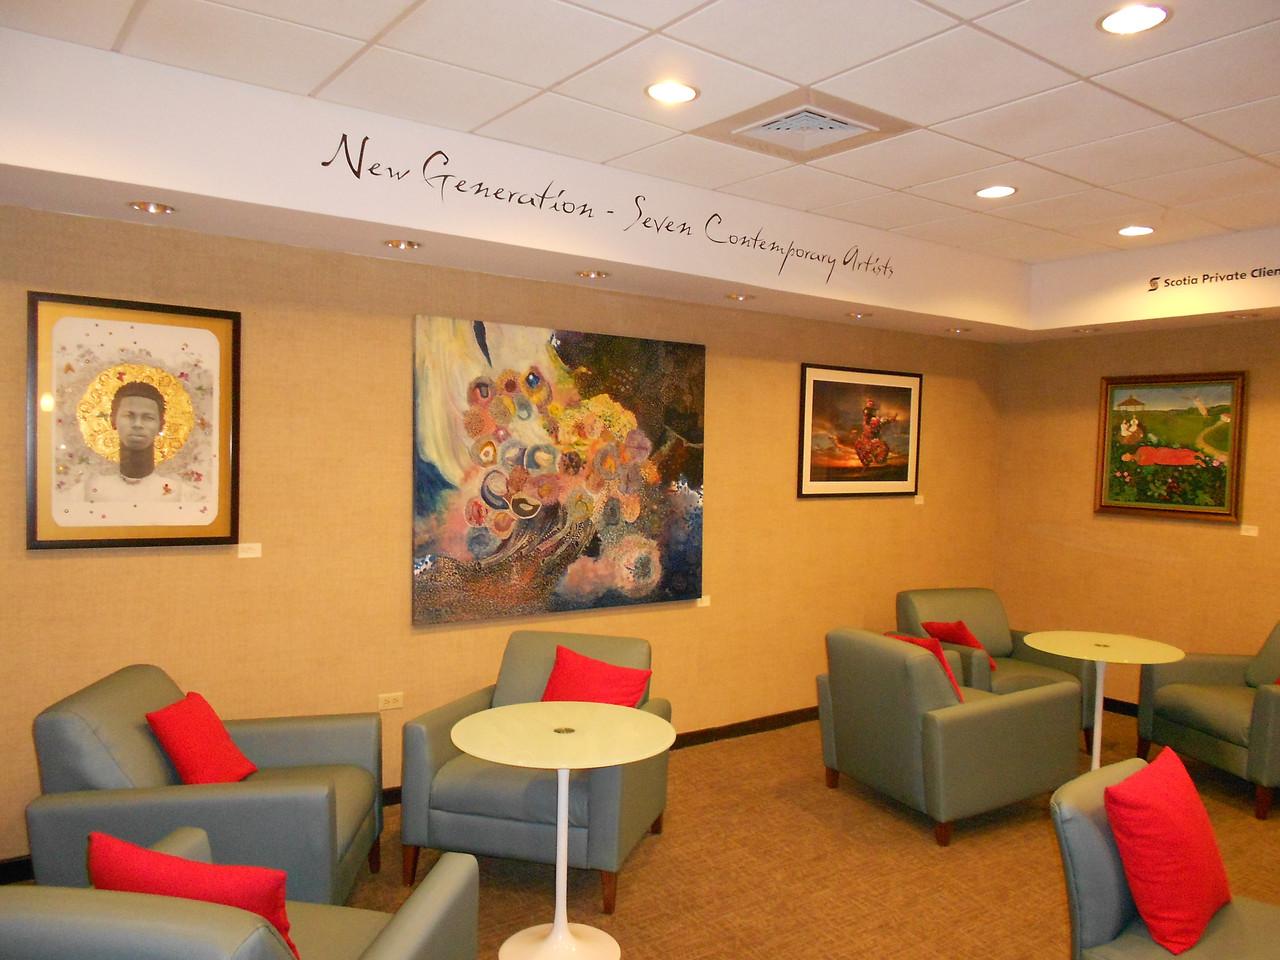 SPCG Lounge 2 pic 1.jpg